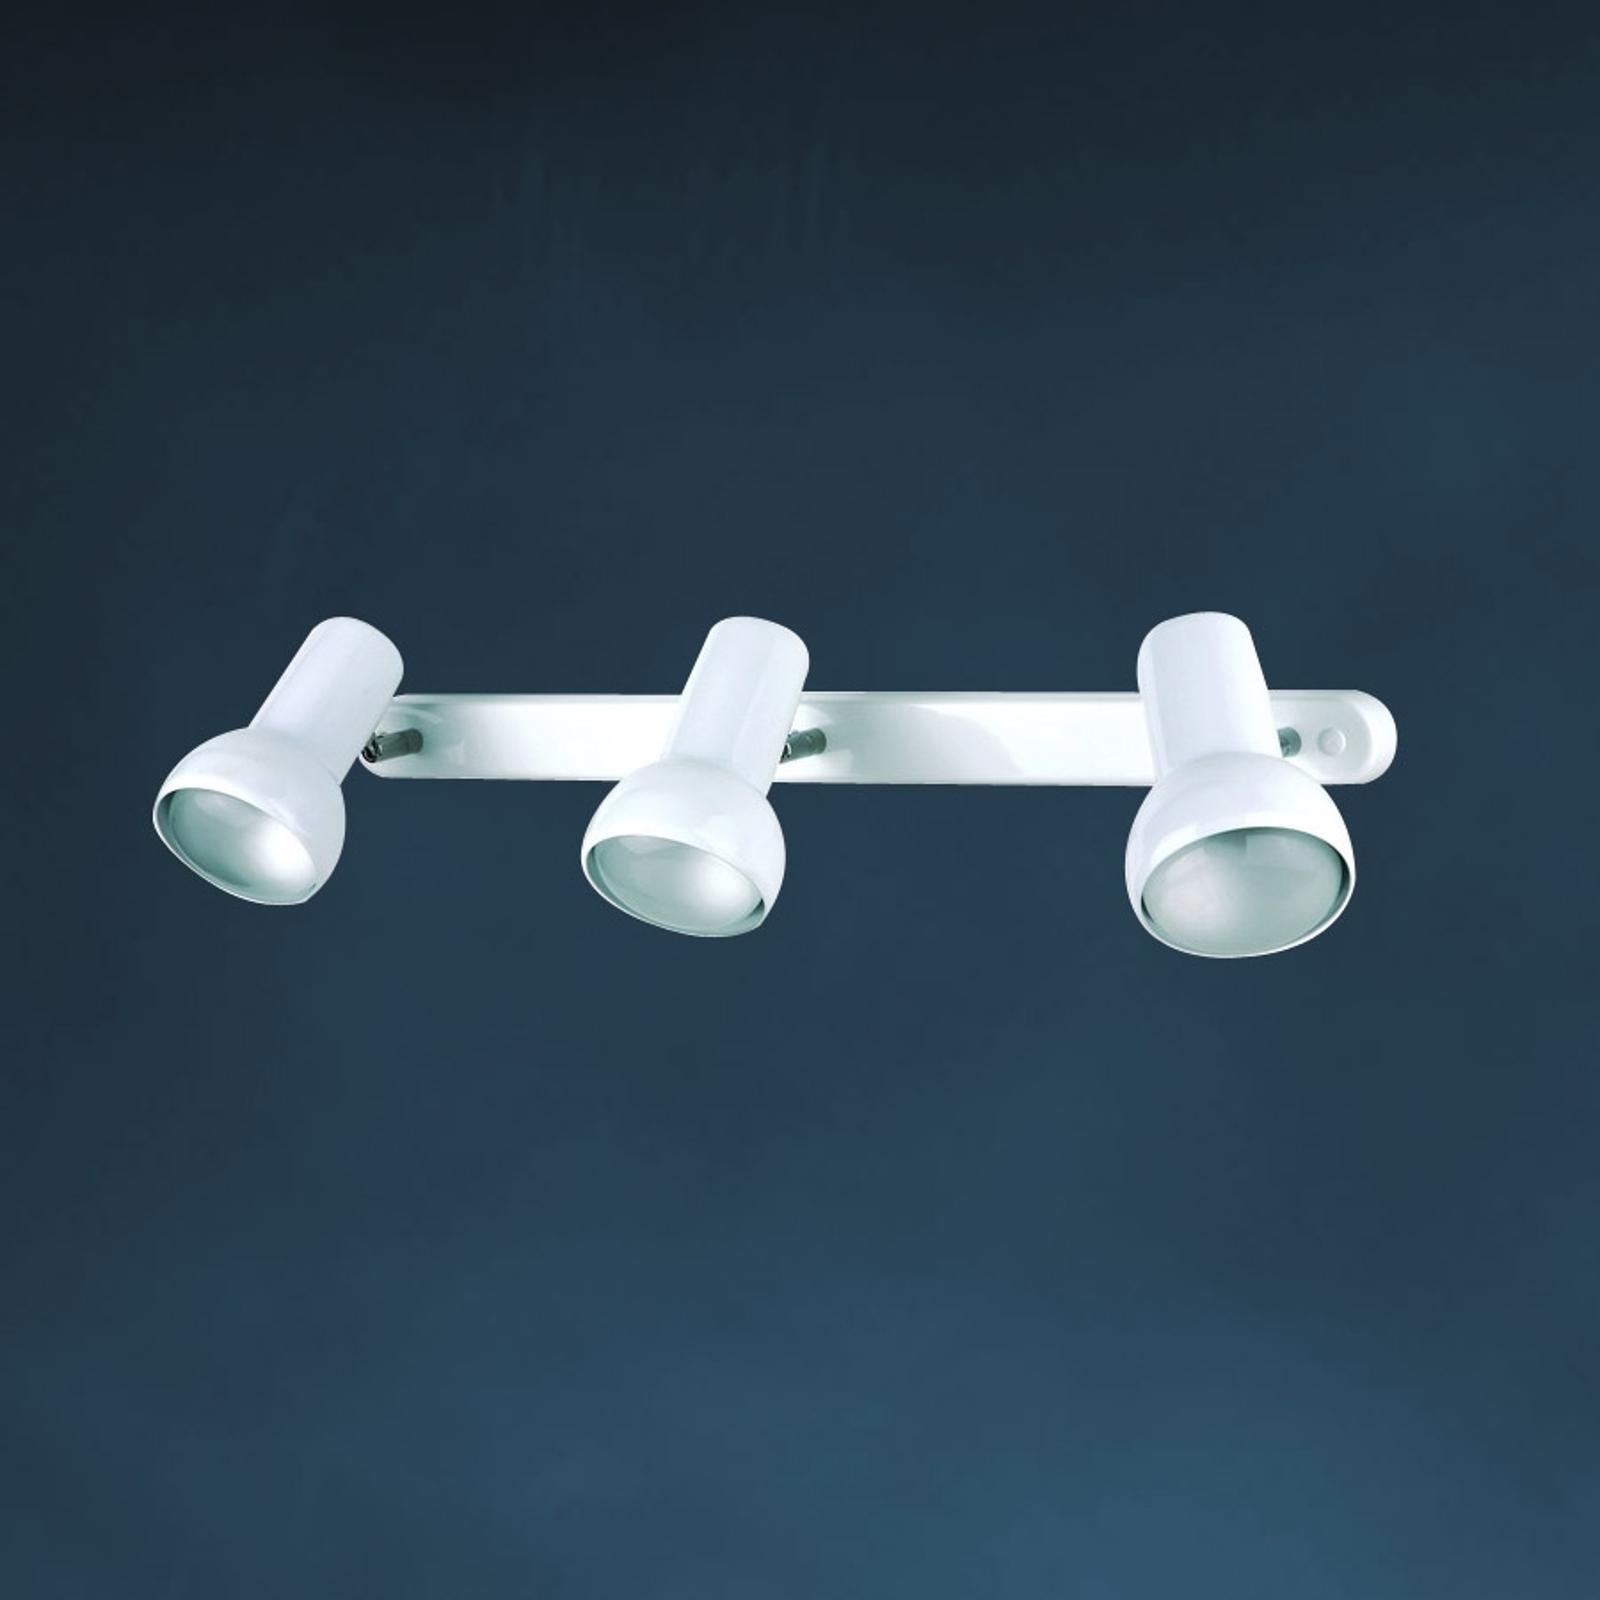 EIFEL loftlampe, 3 lyskilder